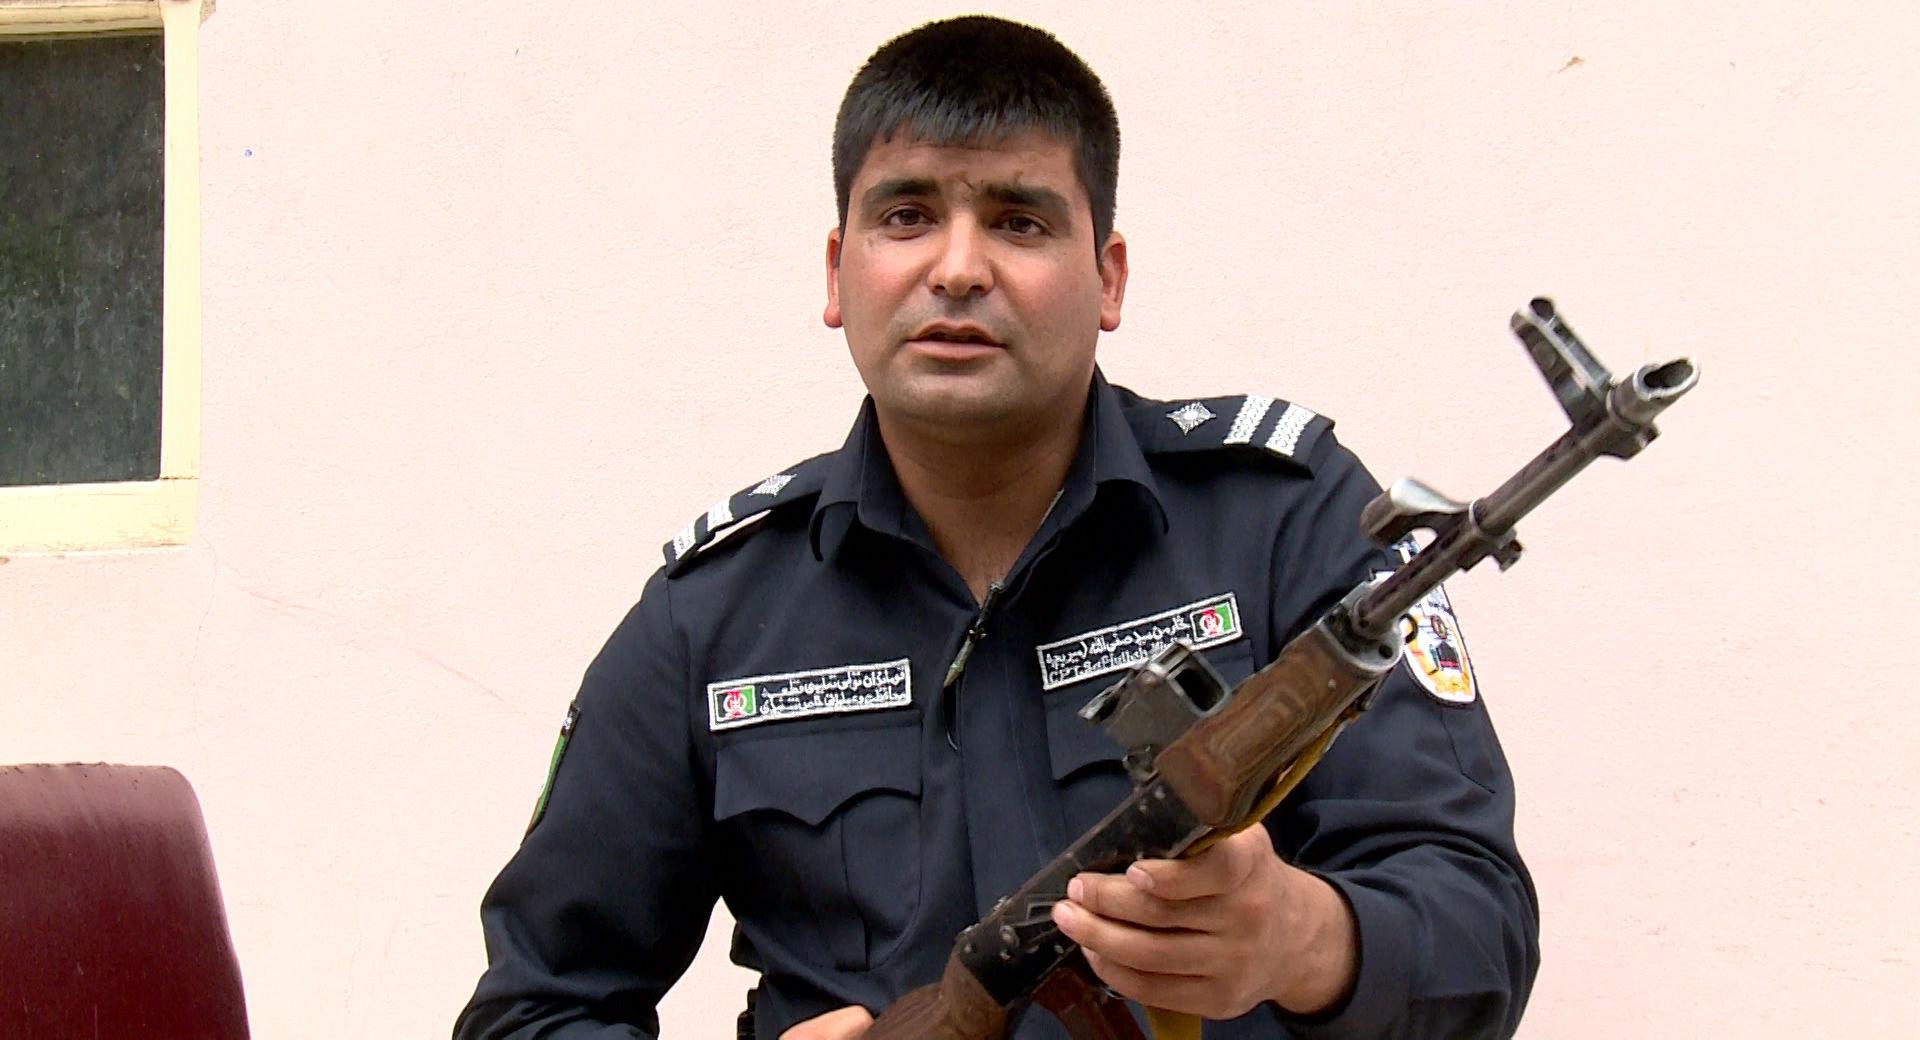 La mayoría de los policias afganos sigue prefiriendo los fusiles Kalashnikov frente a armas estadounidenses por su alta fiabilidad